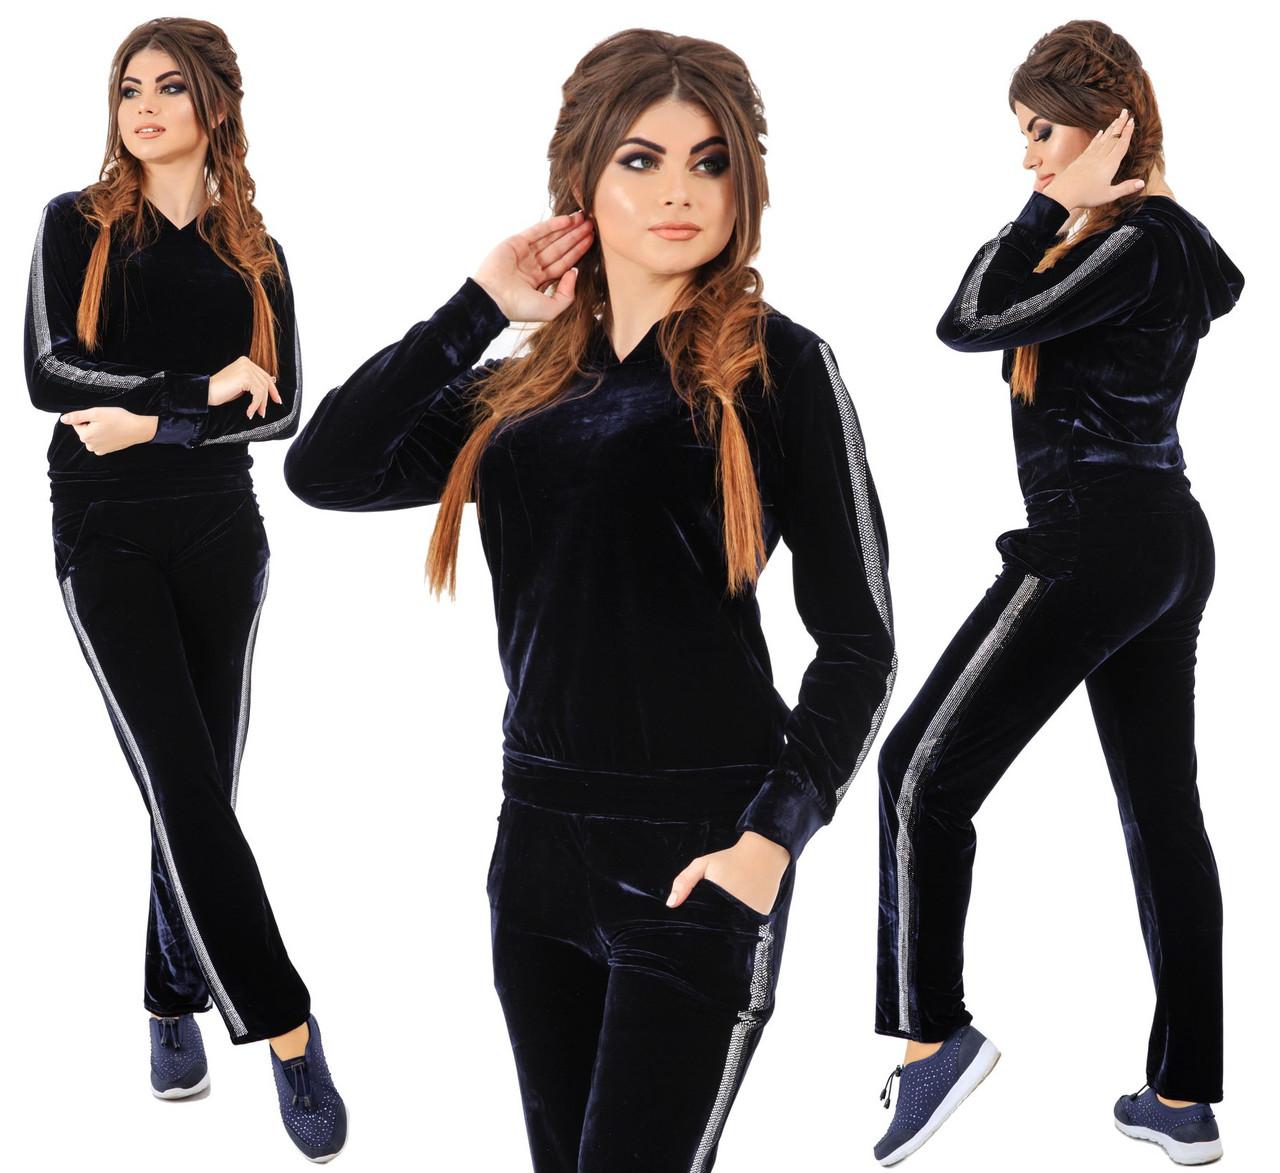 5708cc17 Велюровый спортивный костюм со стразами. Тёмно-синий, 4 цвета. Р-ры ...